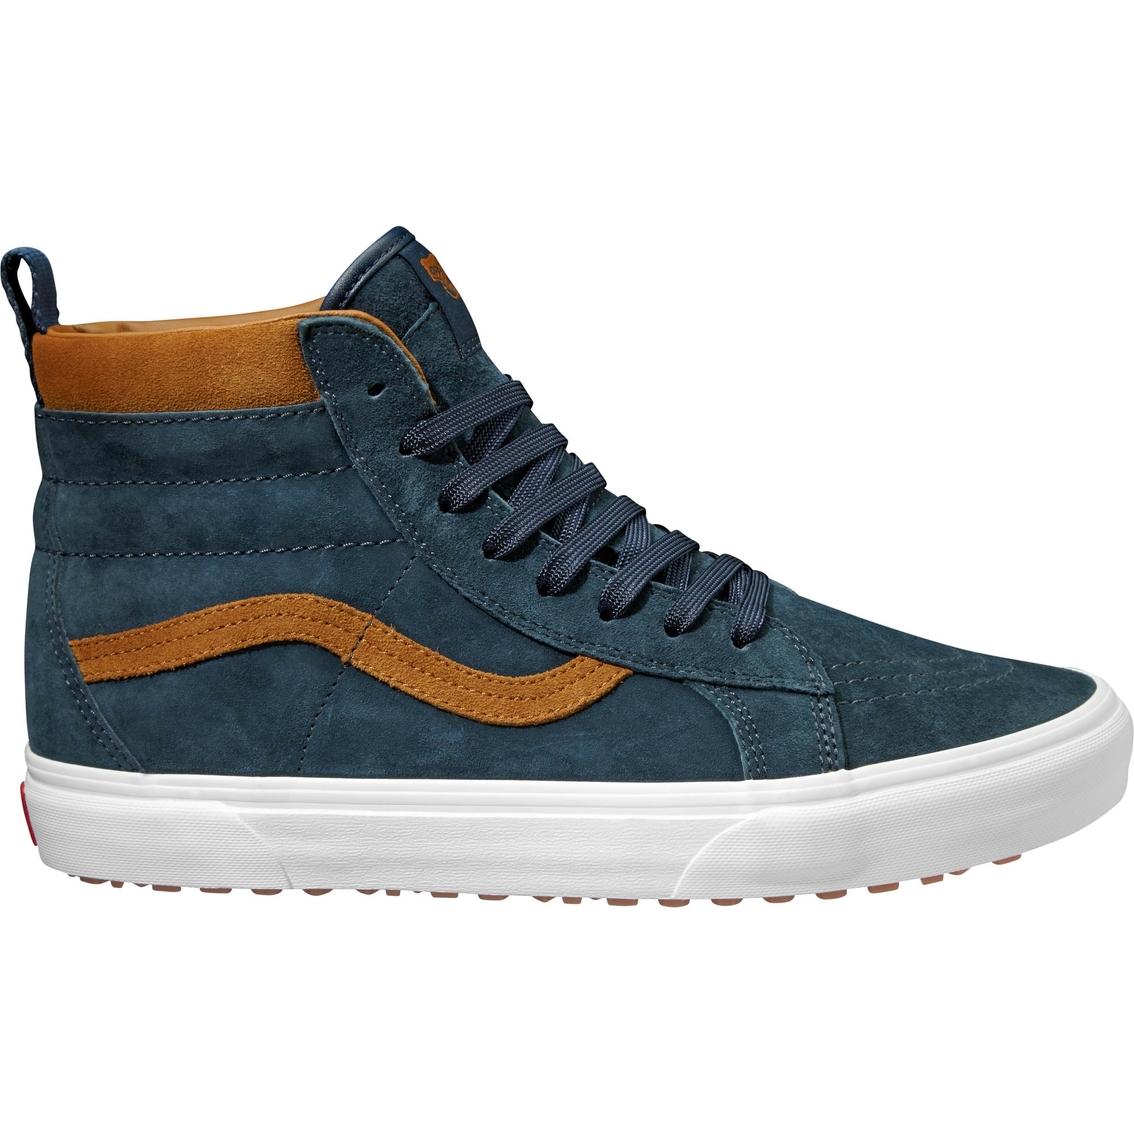 992b4b32fa Vans Sk8 Hi Mte Dx Shoes